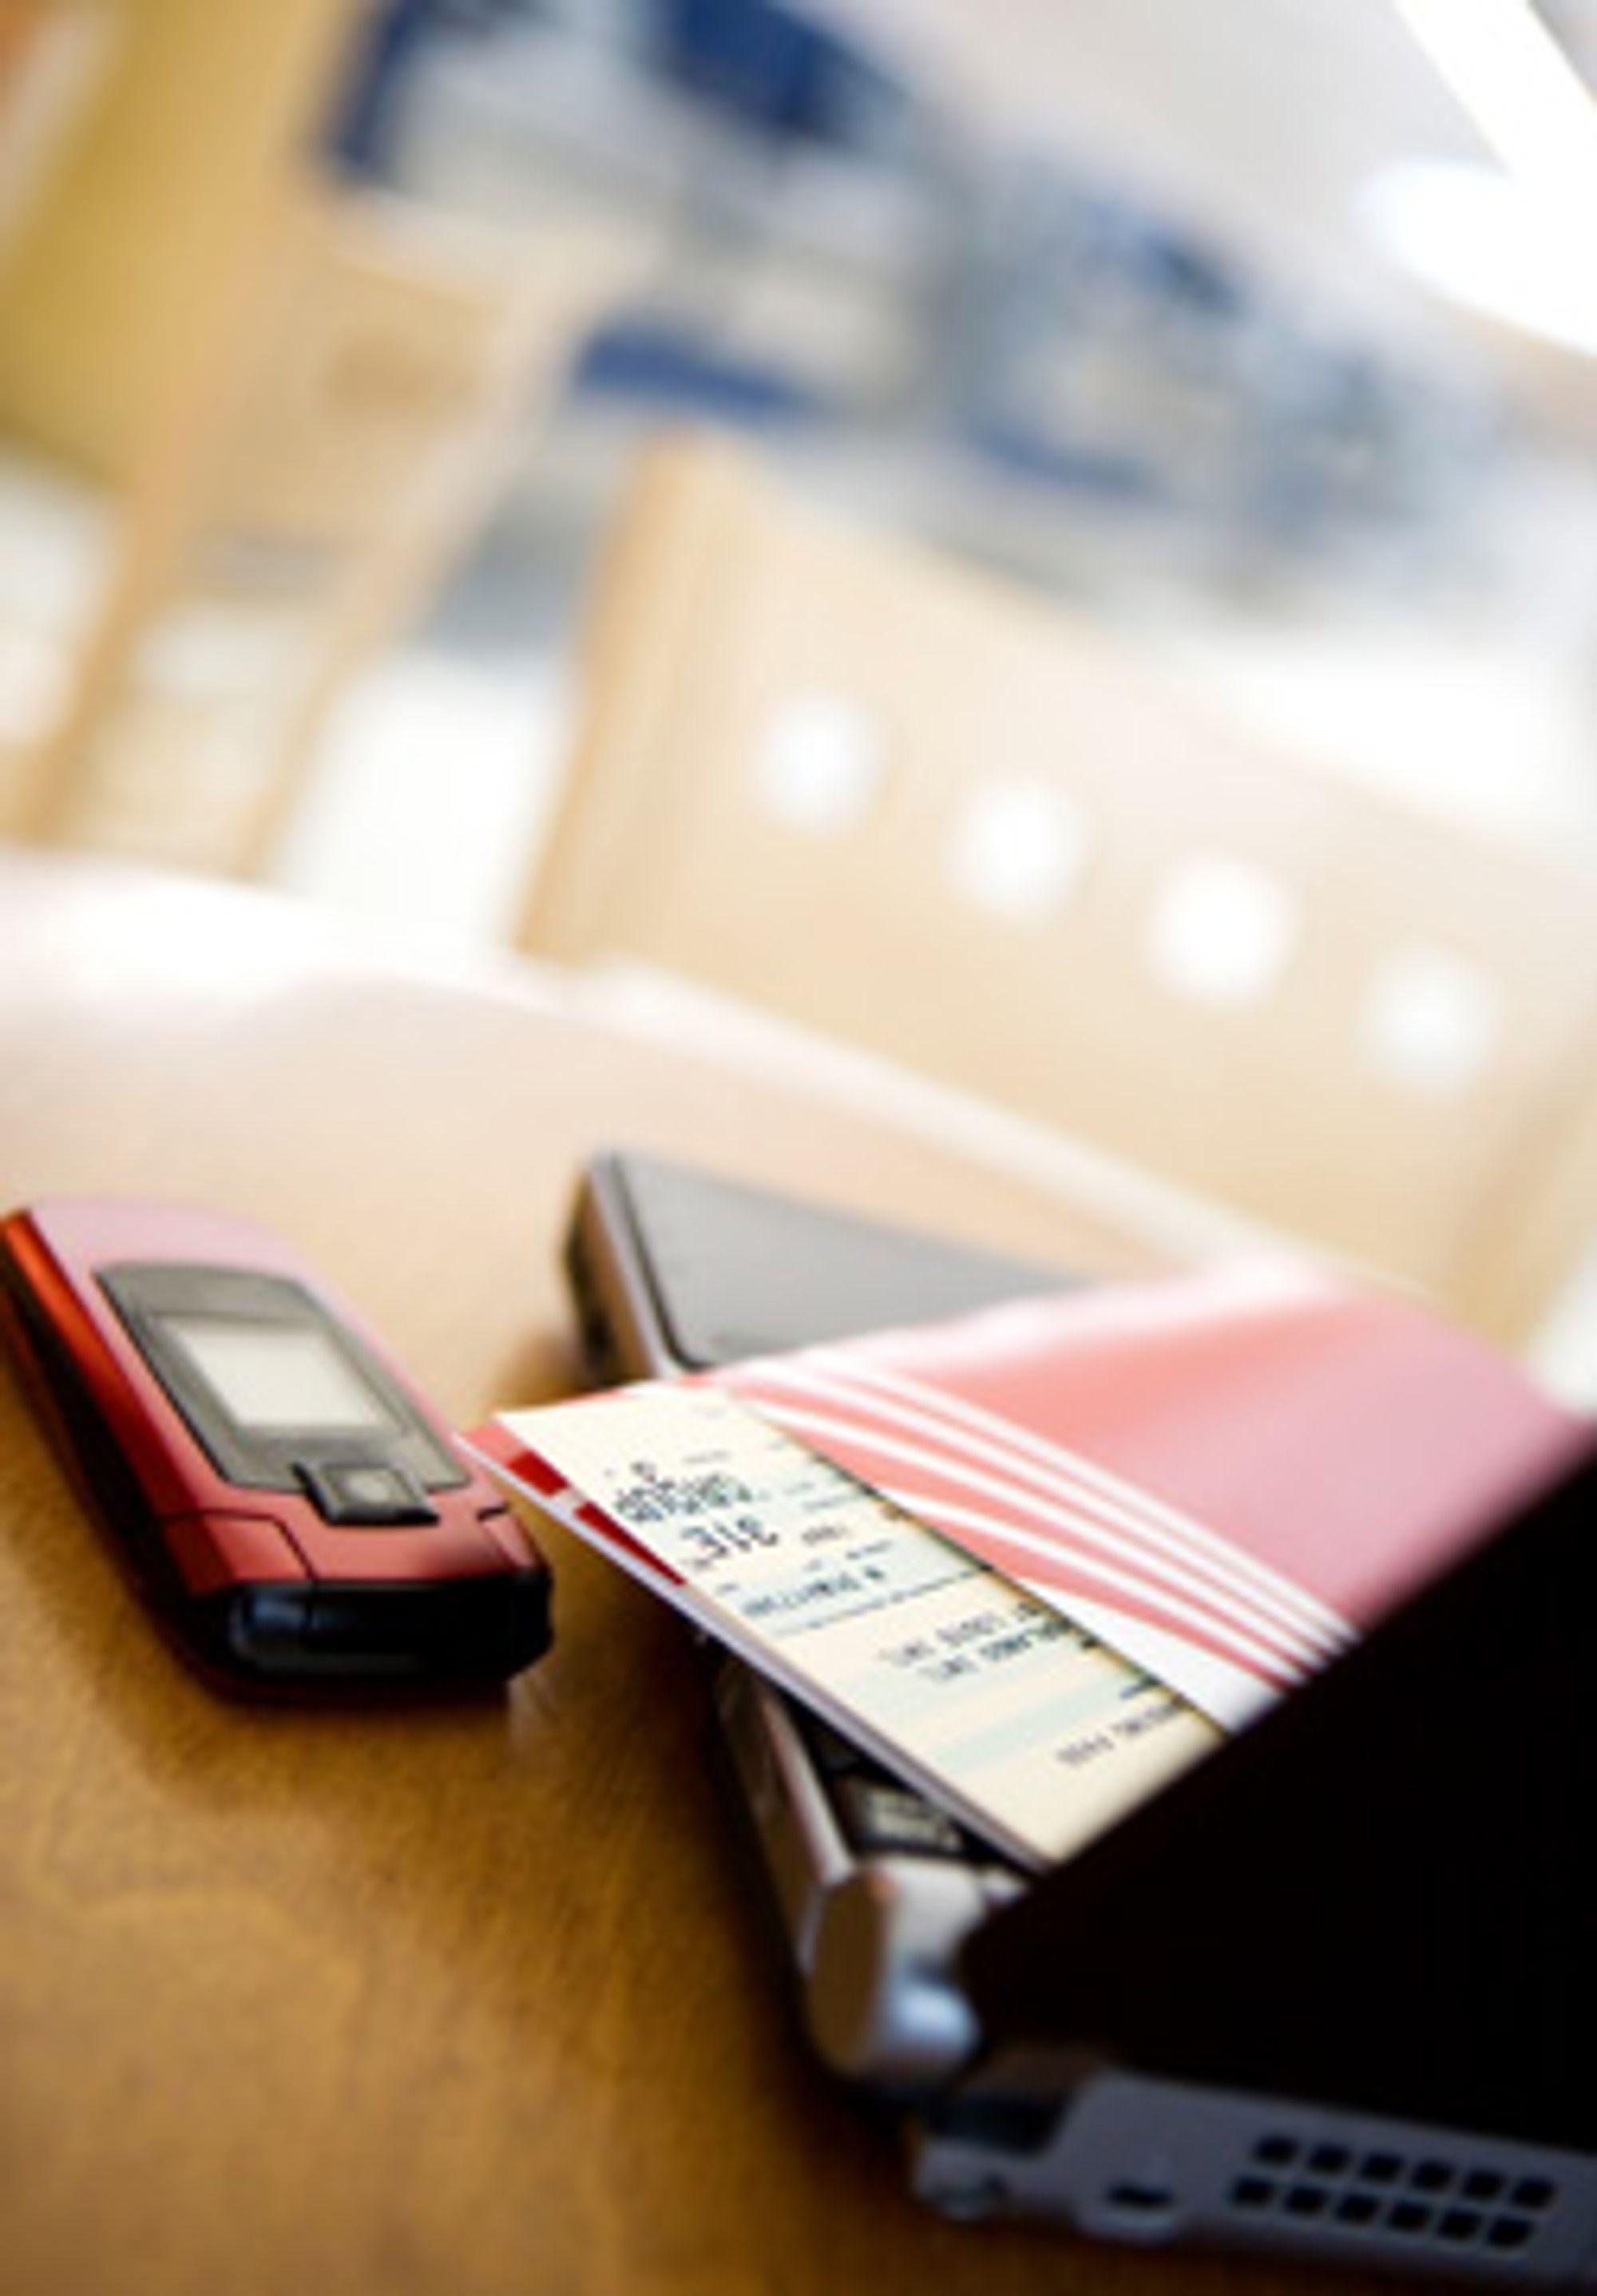 NFC kan bli svært vanlig neste år. (Foto: Istockphoto)